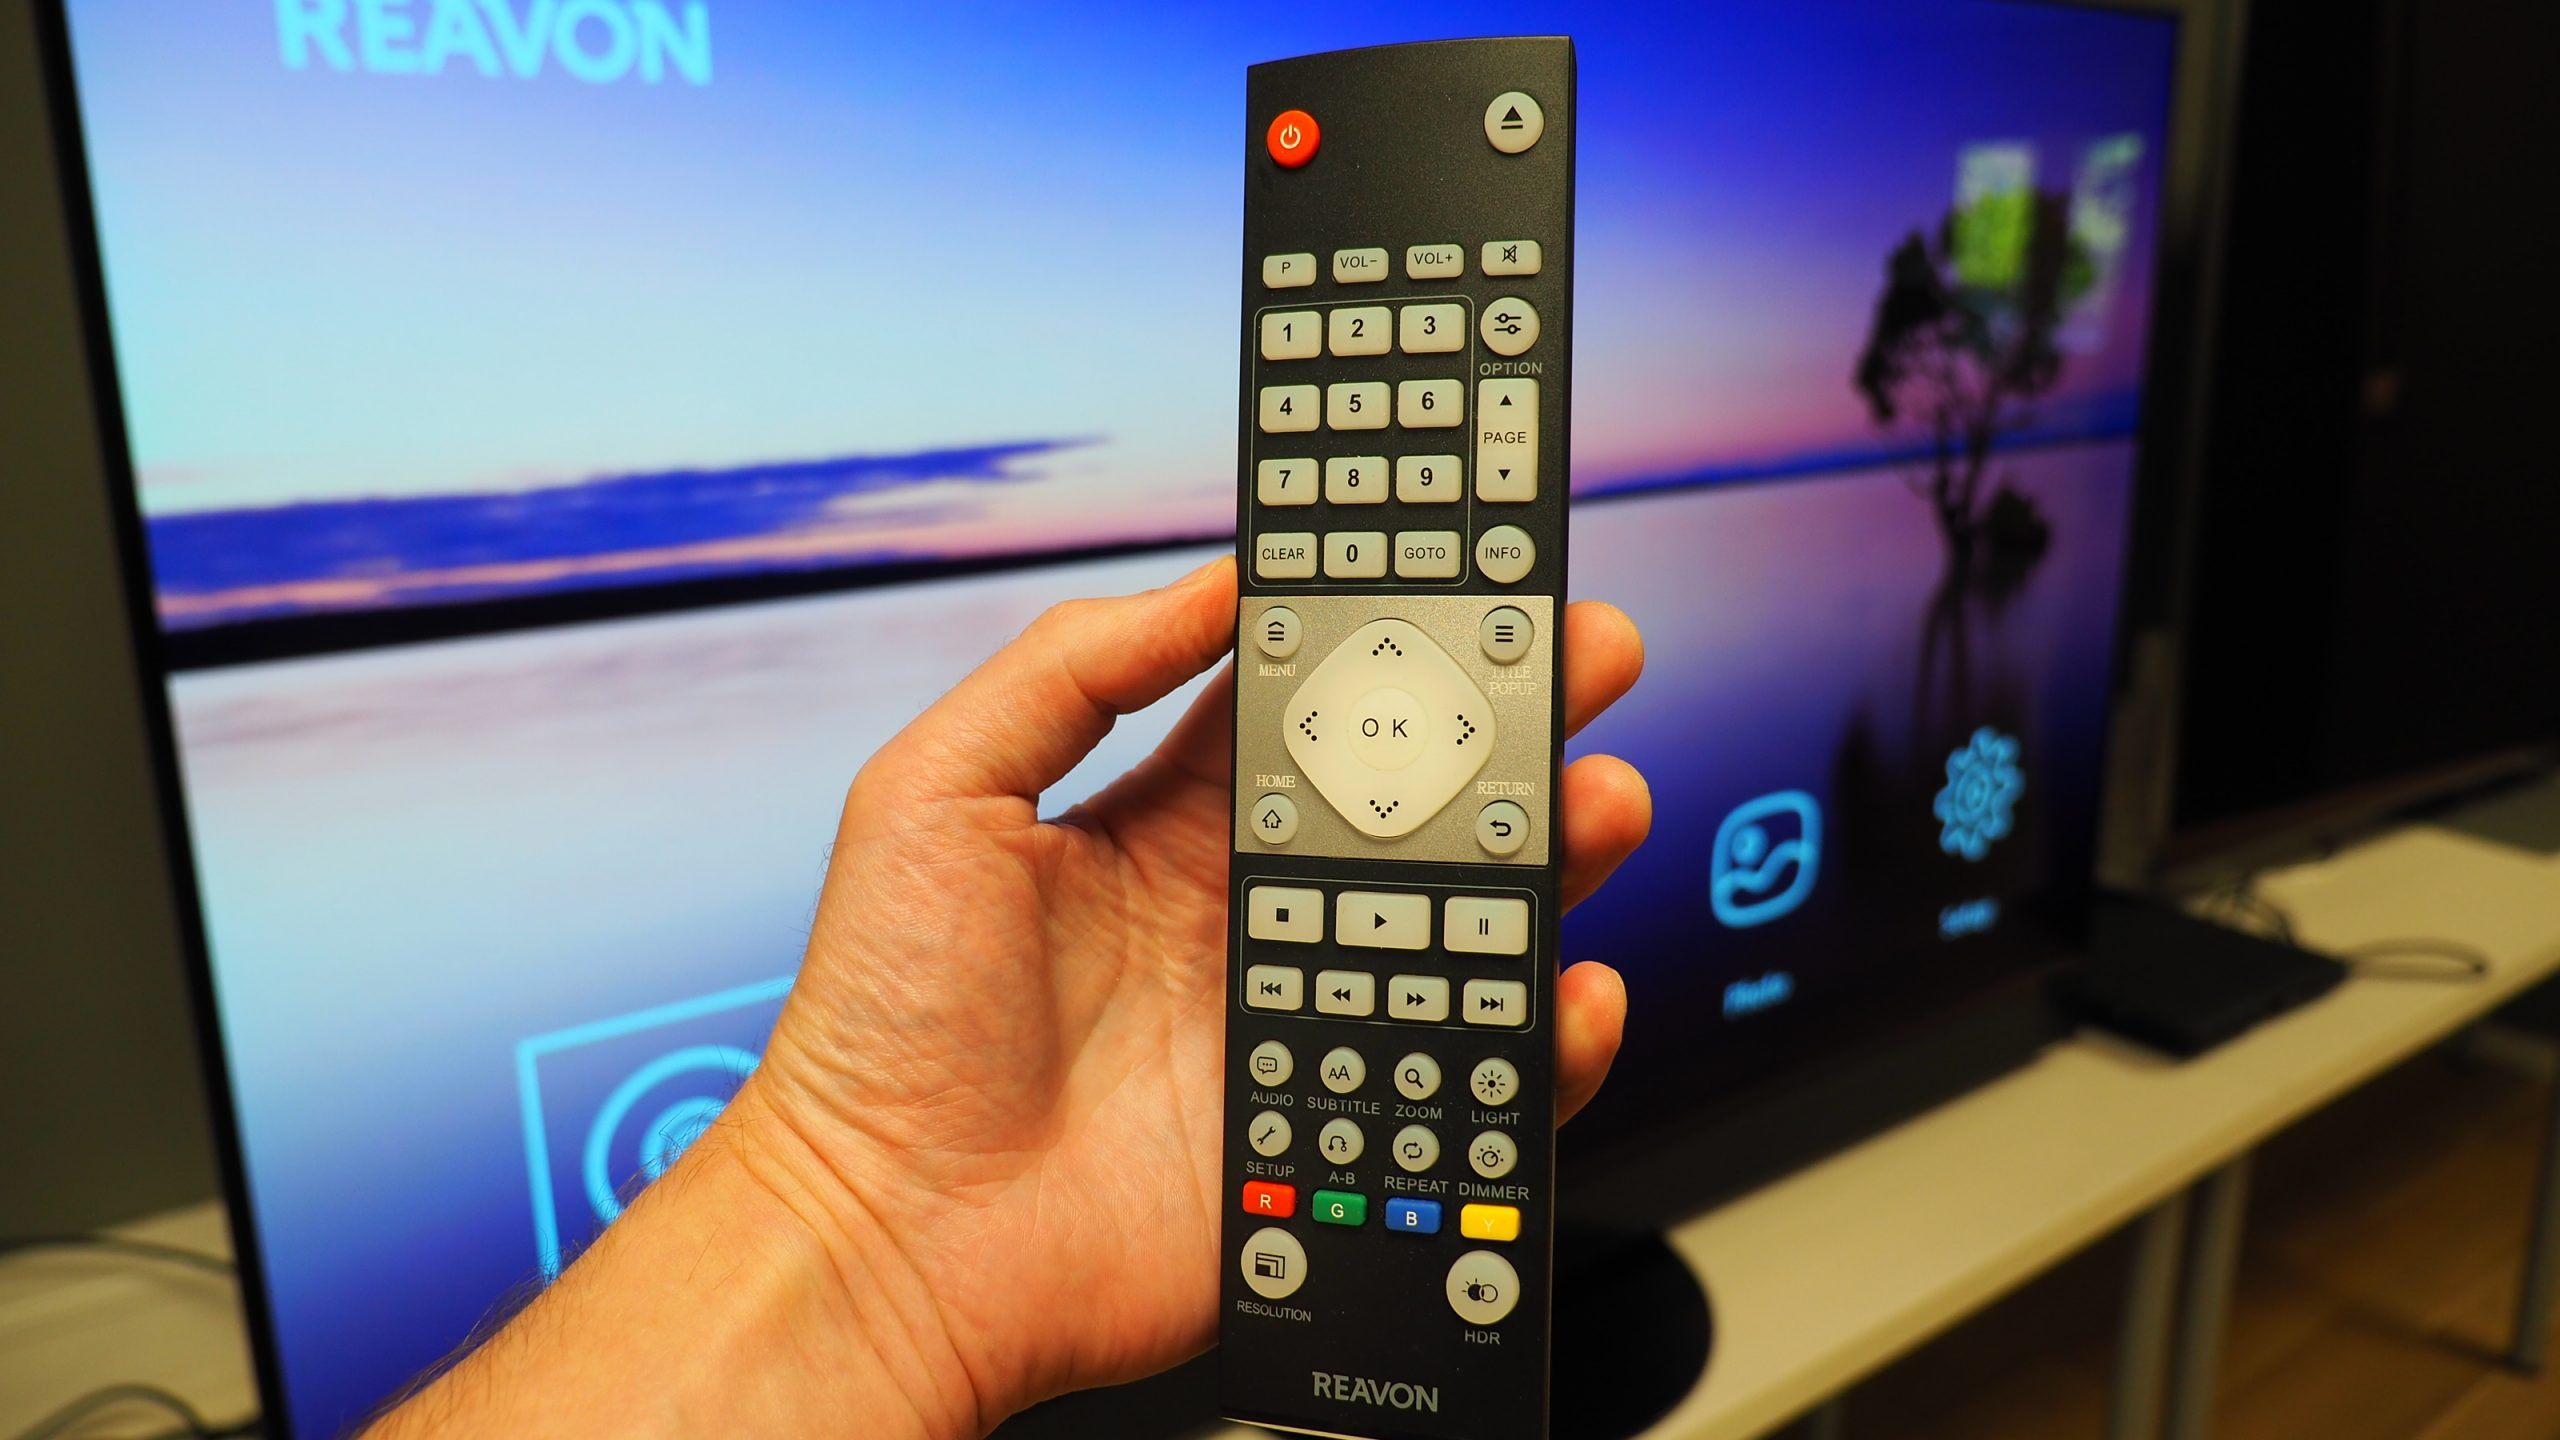 Reavon UBR-X100 remote